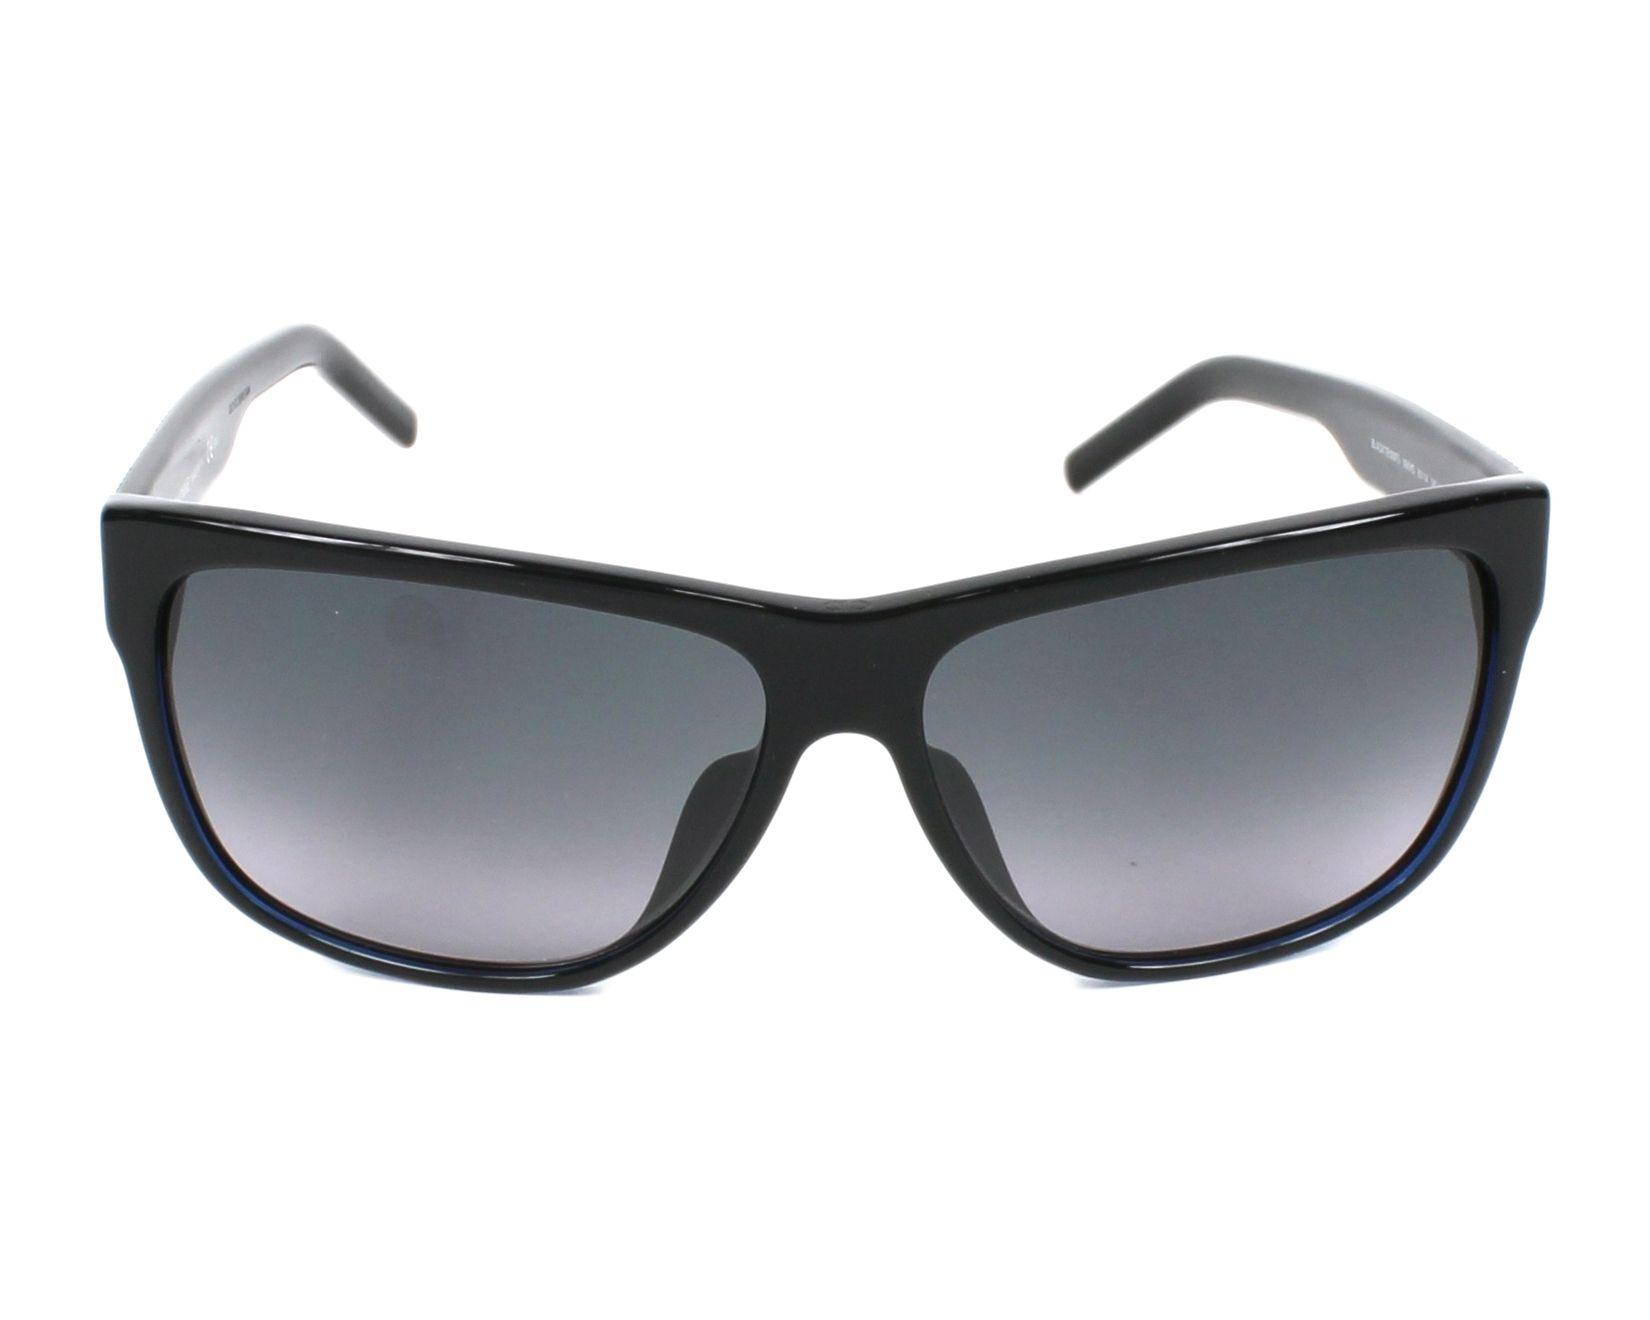 Lunettes de soleil christian dior blacktie 188 fs 98k hd noir avec des verres gris - Verre lunette raye assurance ...